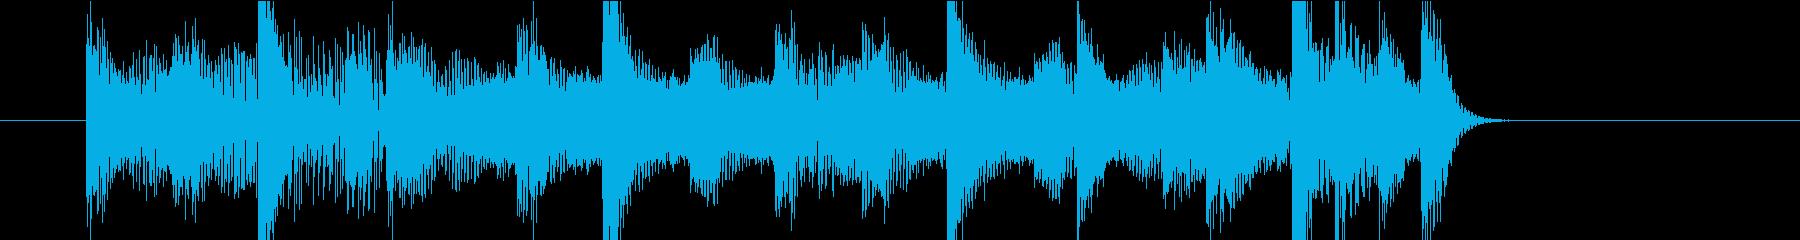 ジングル(ポップ11)の再生済みの波形